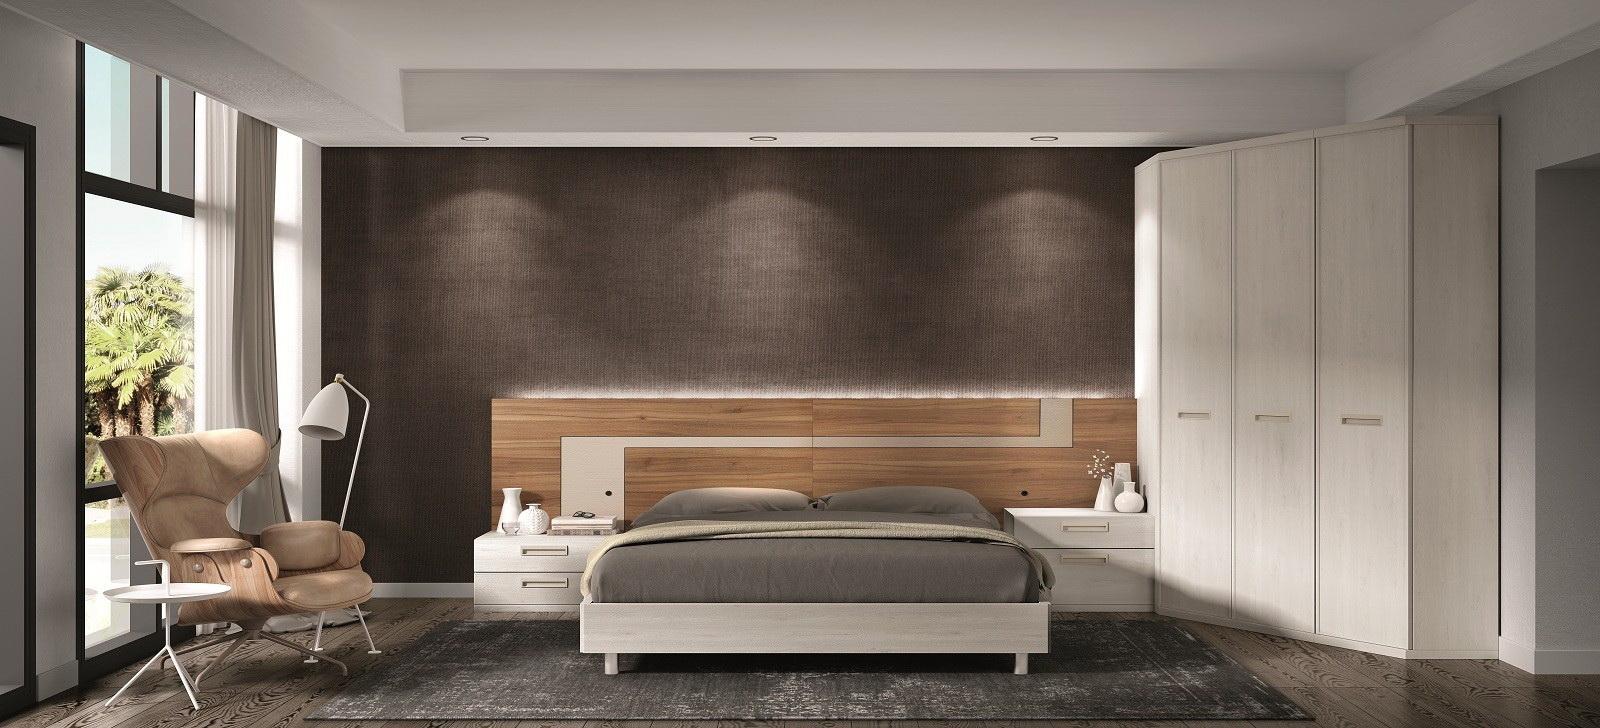 DAINTY dormitorios modernos by LAR 0426 (Muebles Lar 0016 A a) de venta en Muebles ANTOÑÁN León